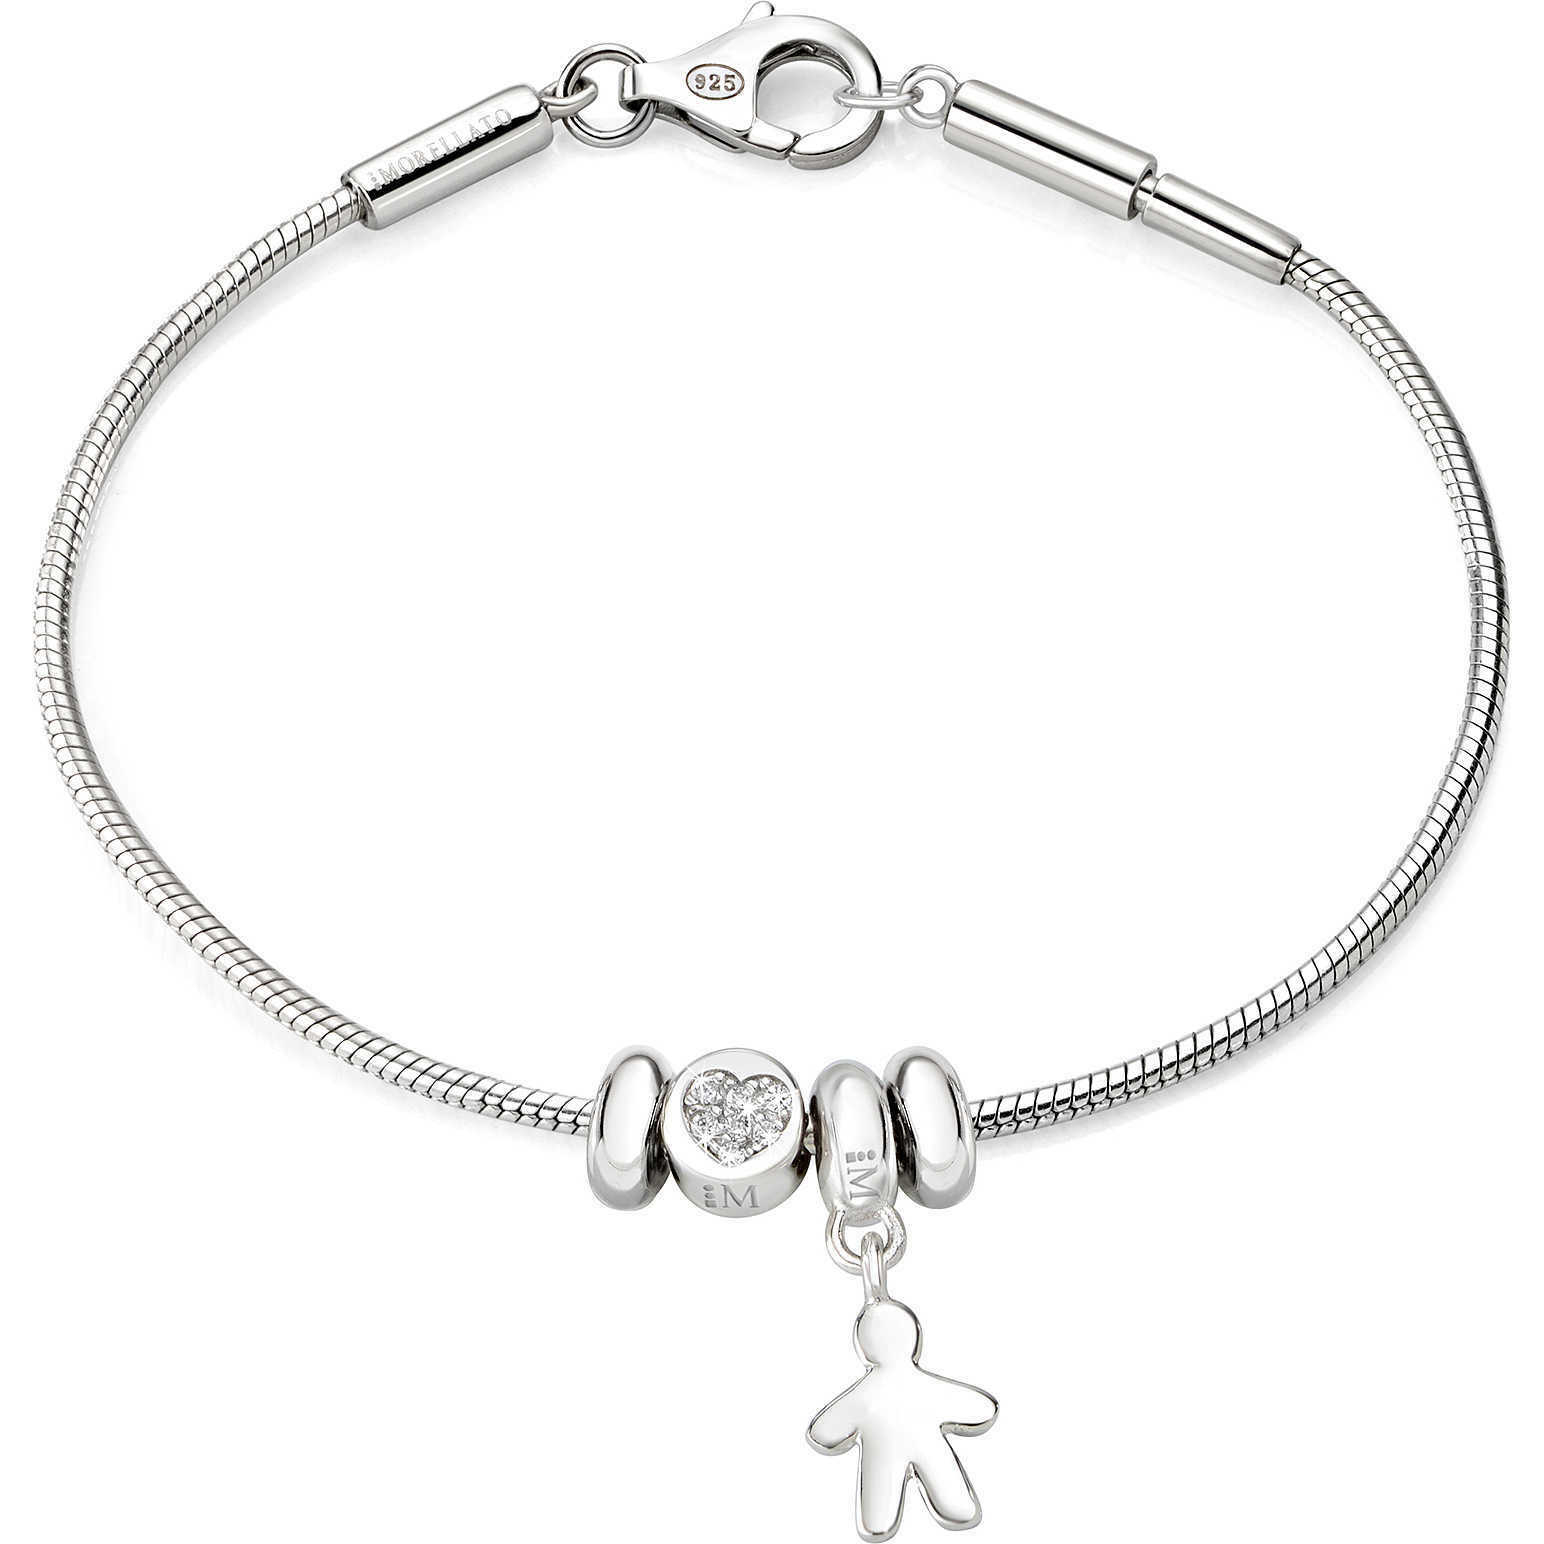 Bracciale Donna in argento 925 con charm bimbo Morellato SAFZ66